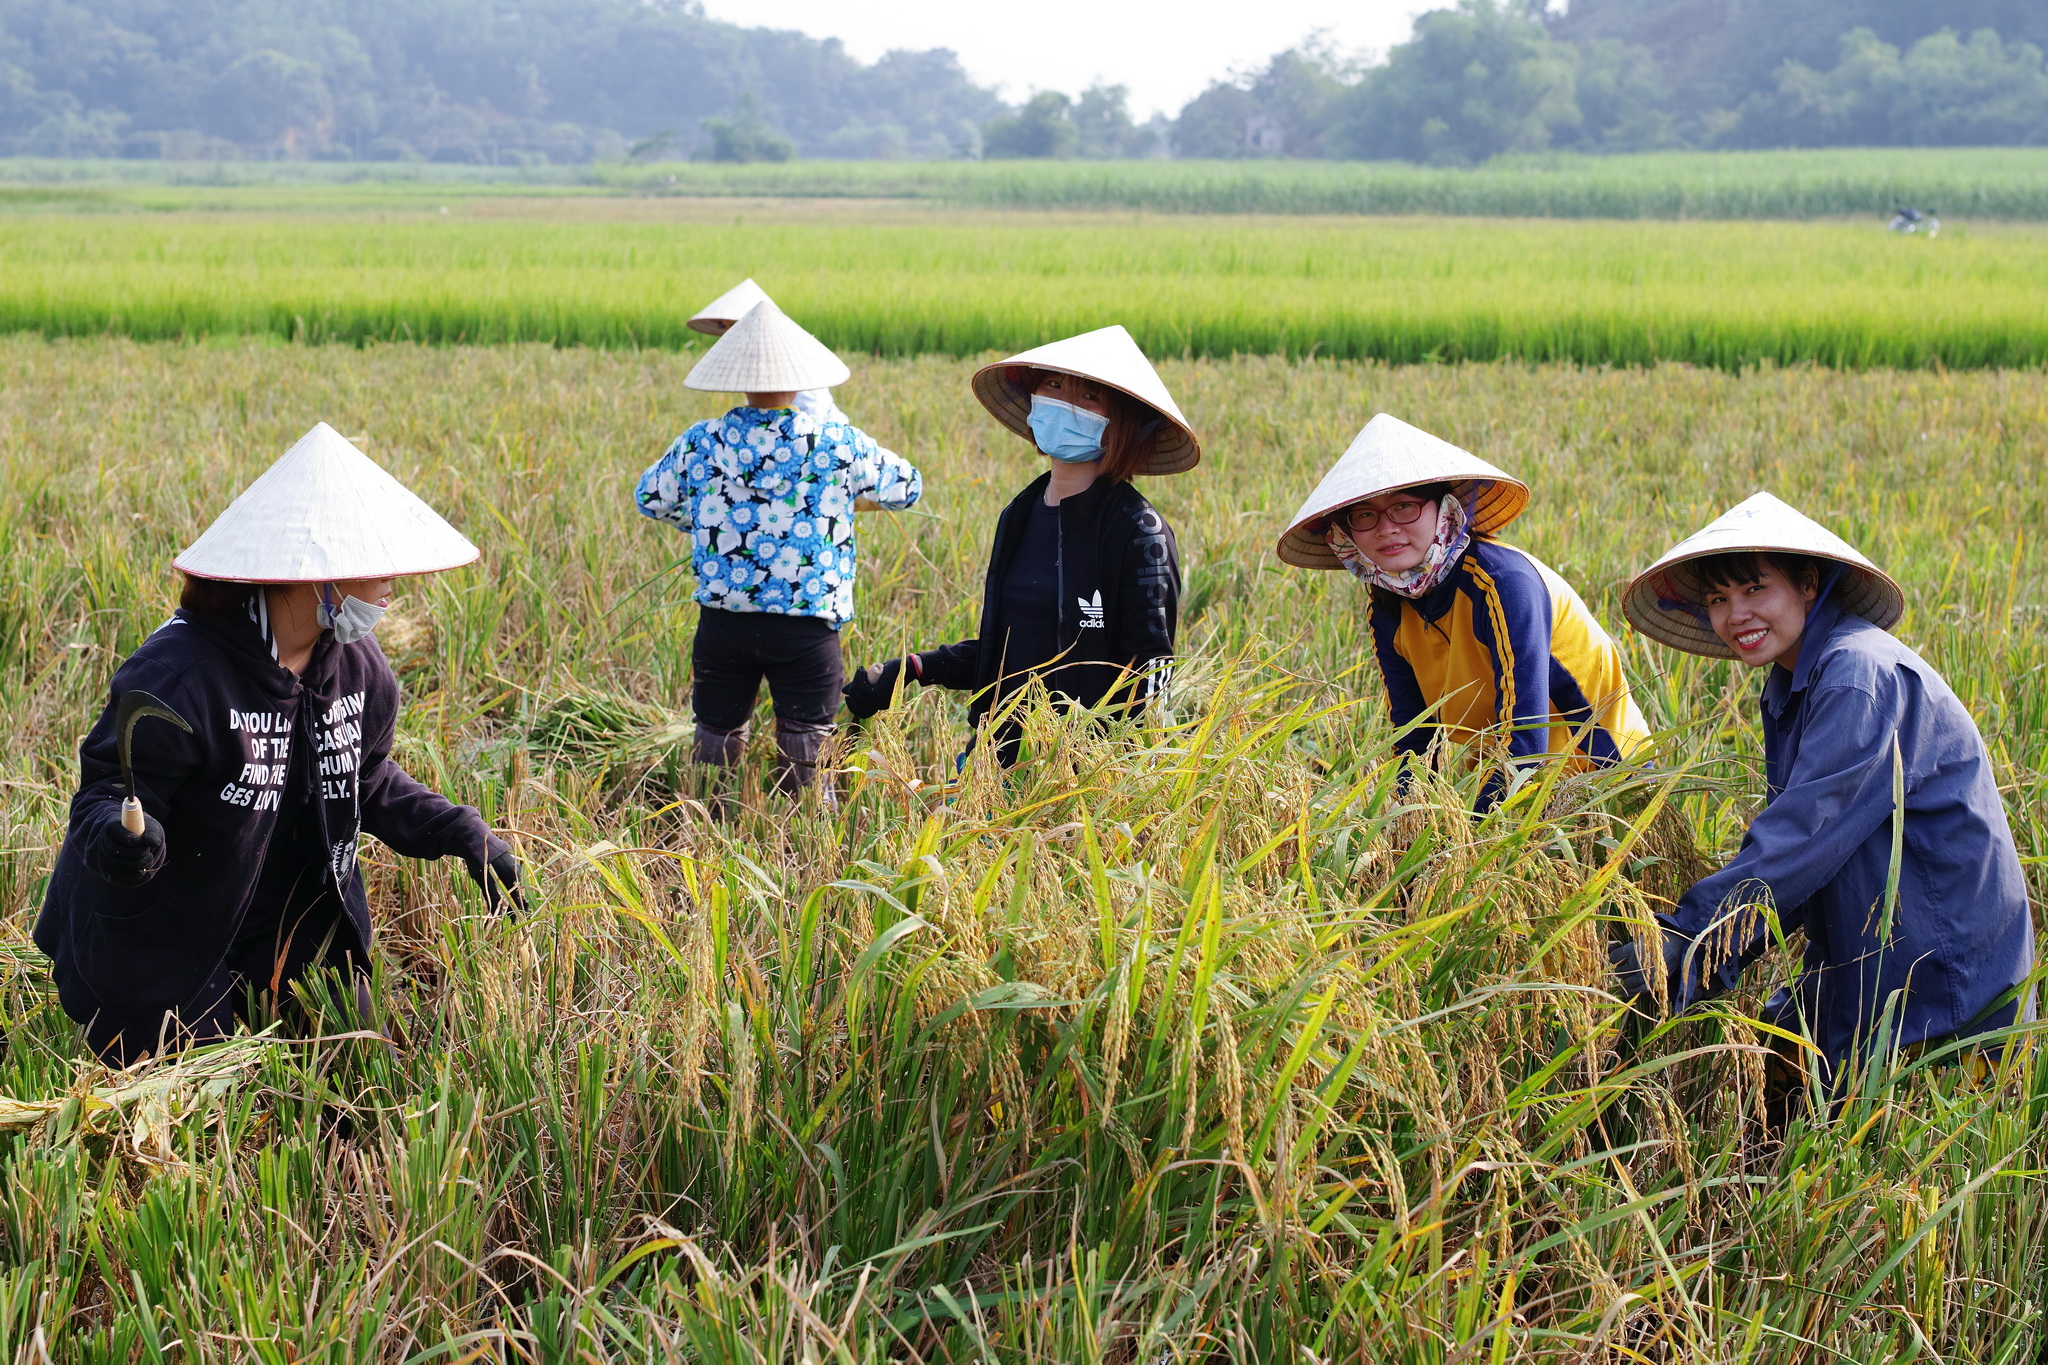 """9h sáng ngày 2/10, CBNV tập trung tại 17 Duy Tân và di chuyển về Thanh Hoá. Trong 1 tiếng đồng hồ, những tiếng cười giòn tan, những câu chuyện nhớ về ngày con bé được nói rộn ràng, vang vang cả cánh đồng. Sau hơn 10 năm mới được trải nghiệm lại công việc gặt lúa, chị Lê Huyền, nhân viên khảo thí FUNiX, bày tỏ: """"Cảm giác lạ lẫm nhưng đầy thú vị và ý nghĩa. Đặc biệt những ngày Hà Nội ô nhiễn như thế này được về nông thôn cảm giác rất tuyệt""""."""